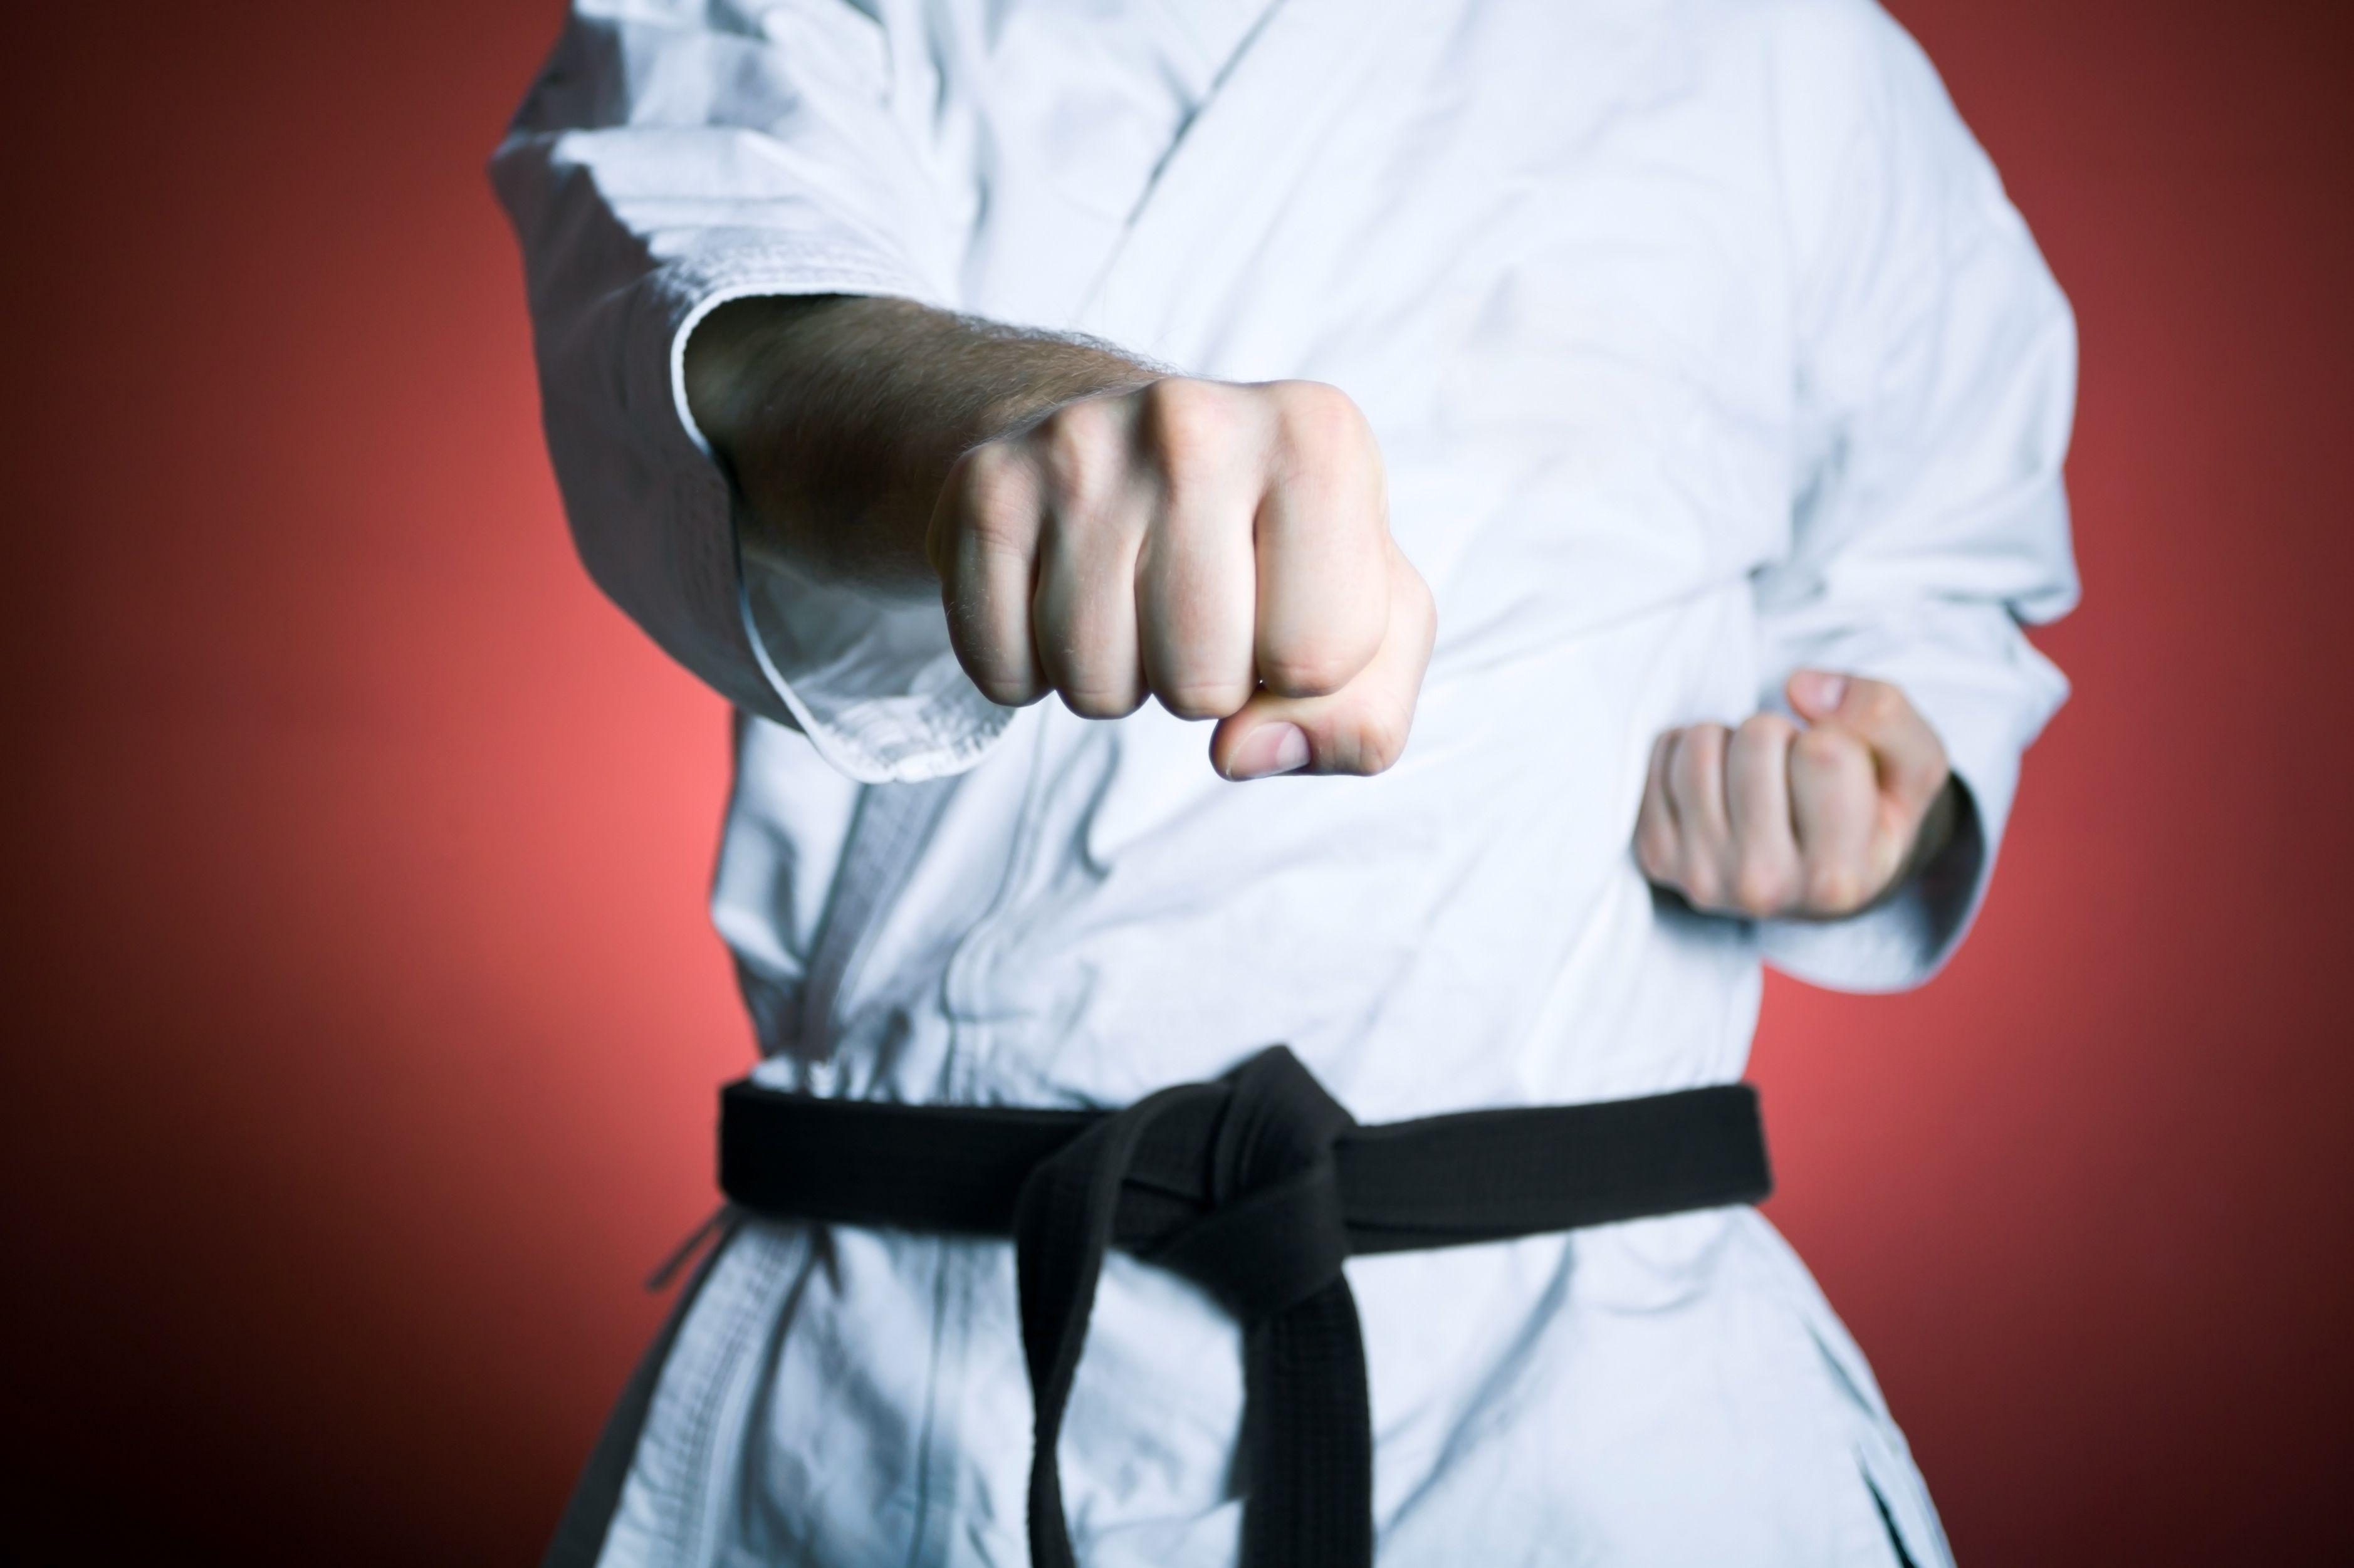 Escuela de artes marciales en  Almería